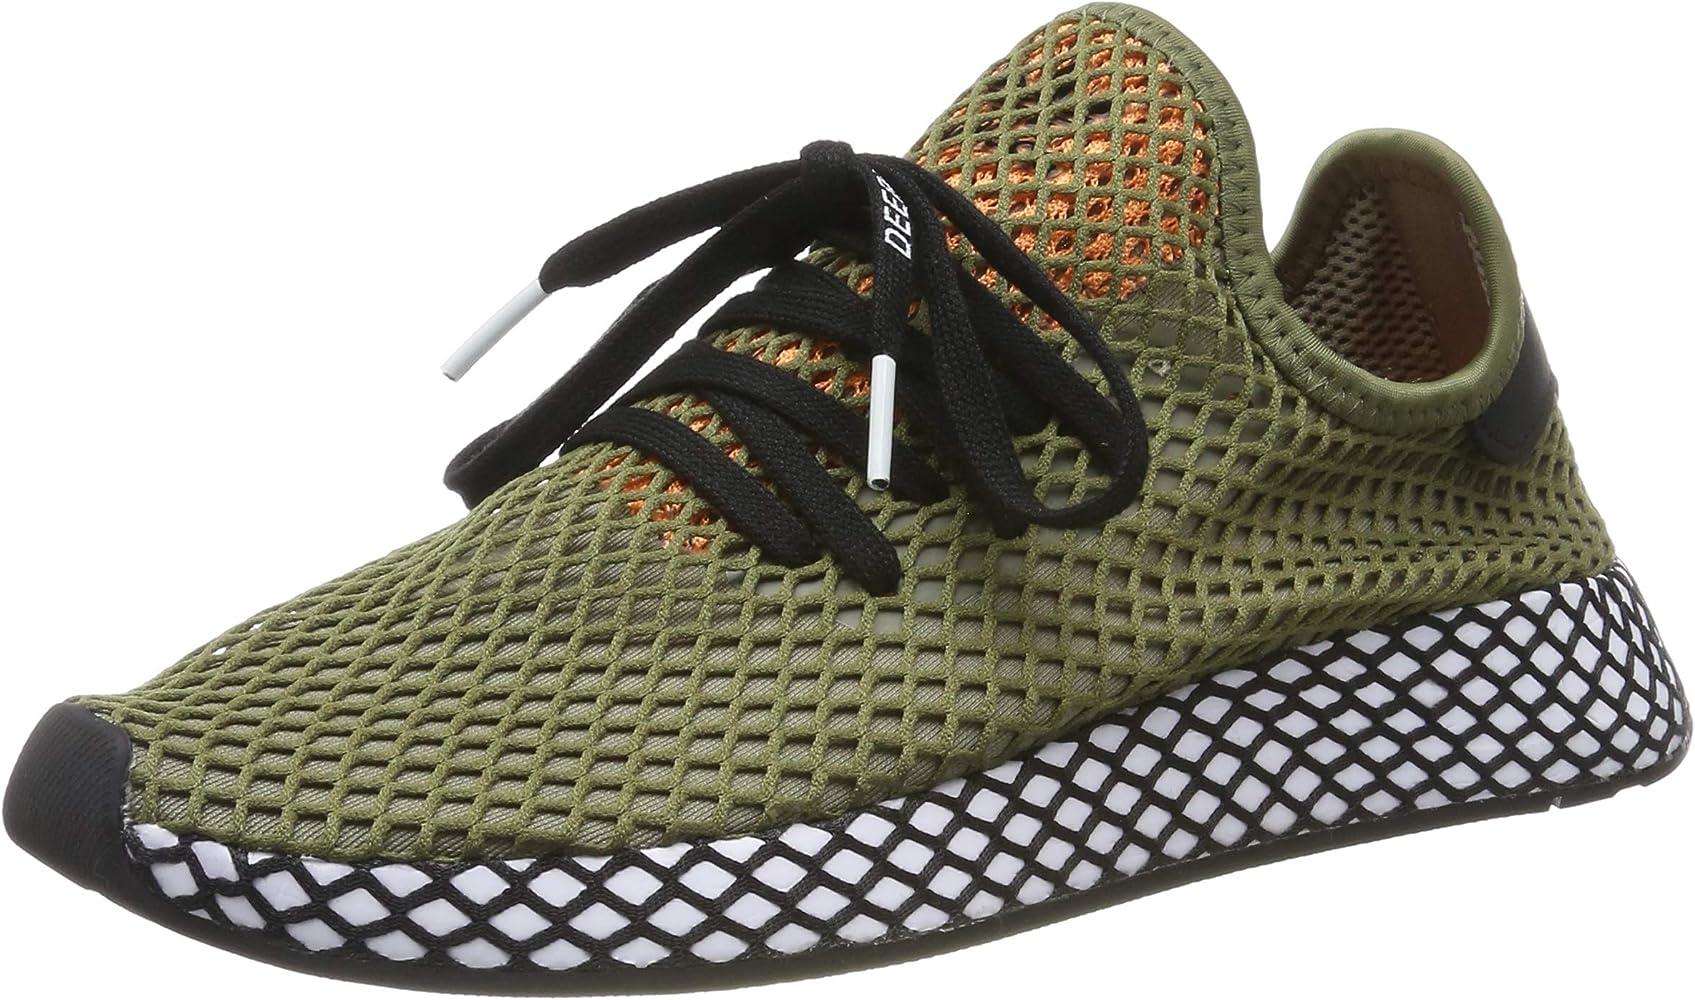 adidas - Deerupt Runner - BD7894